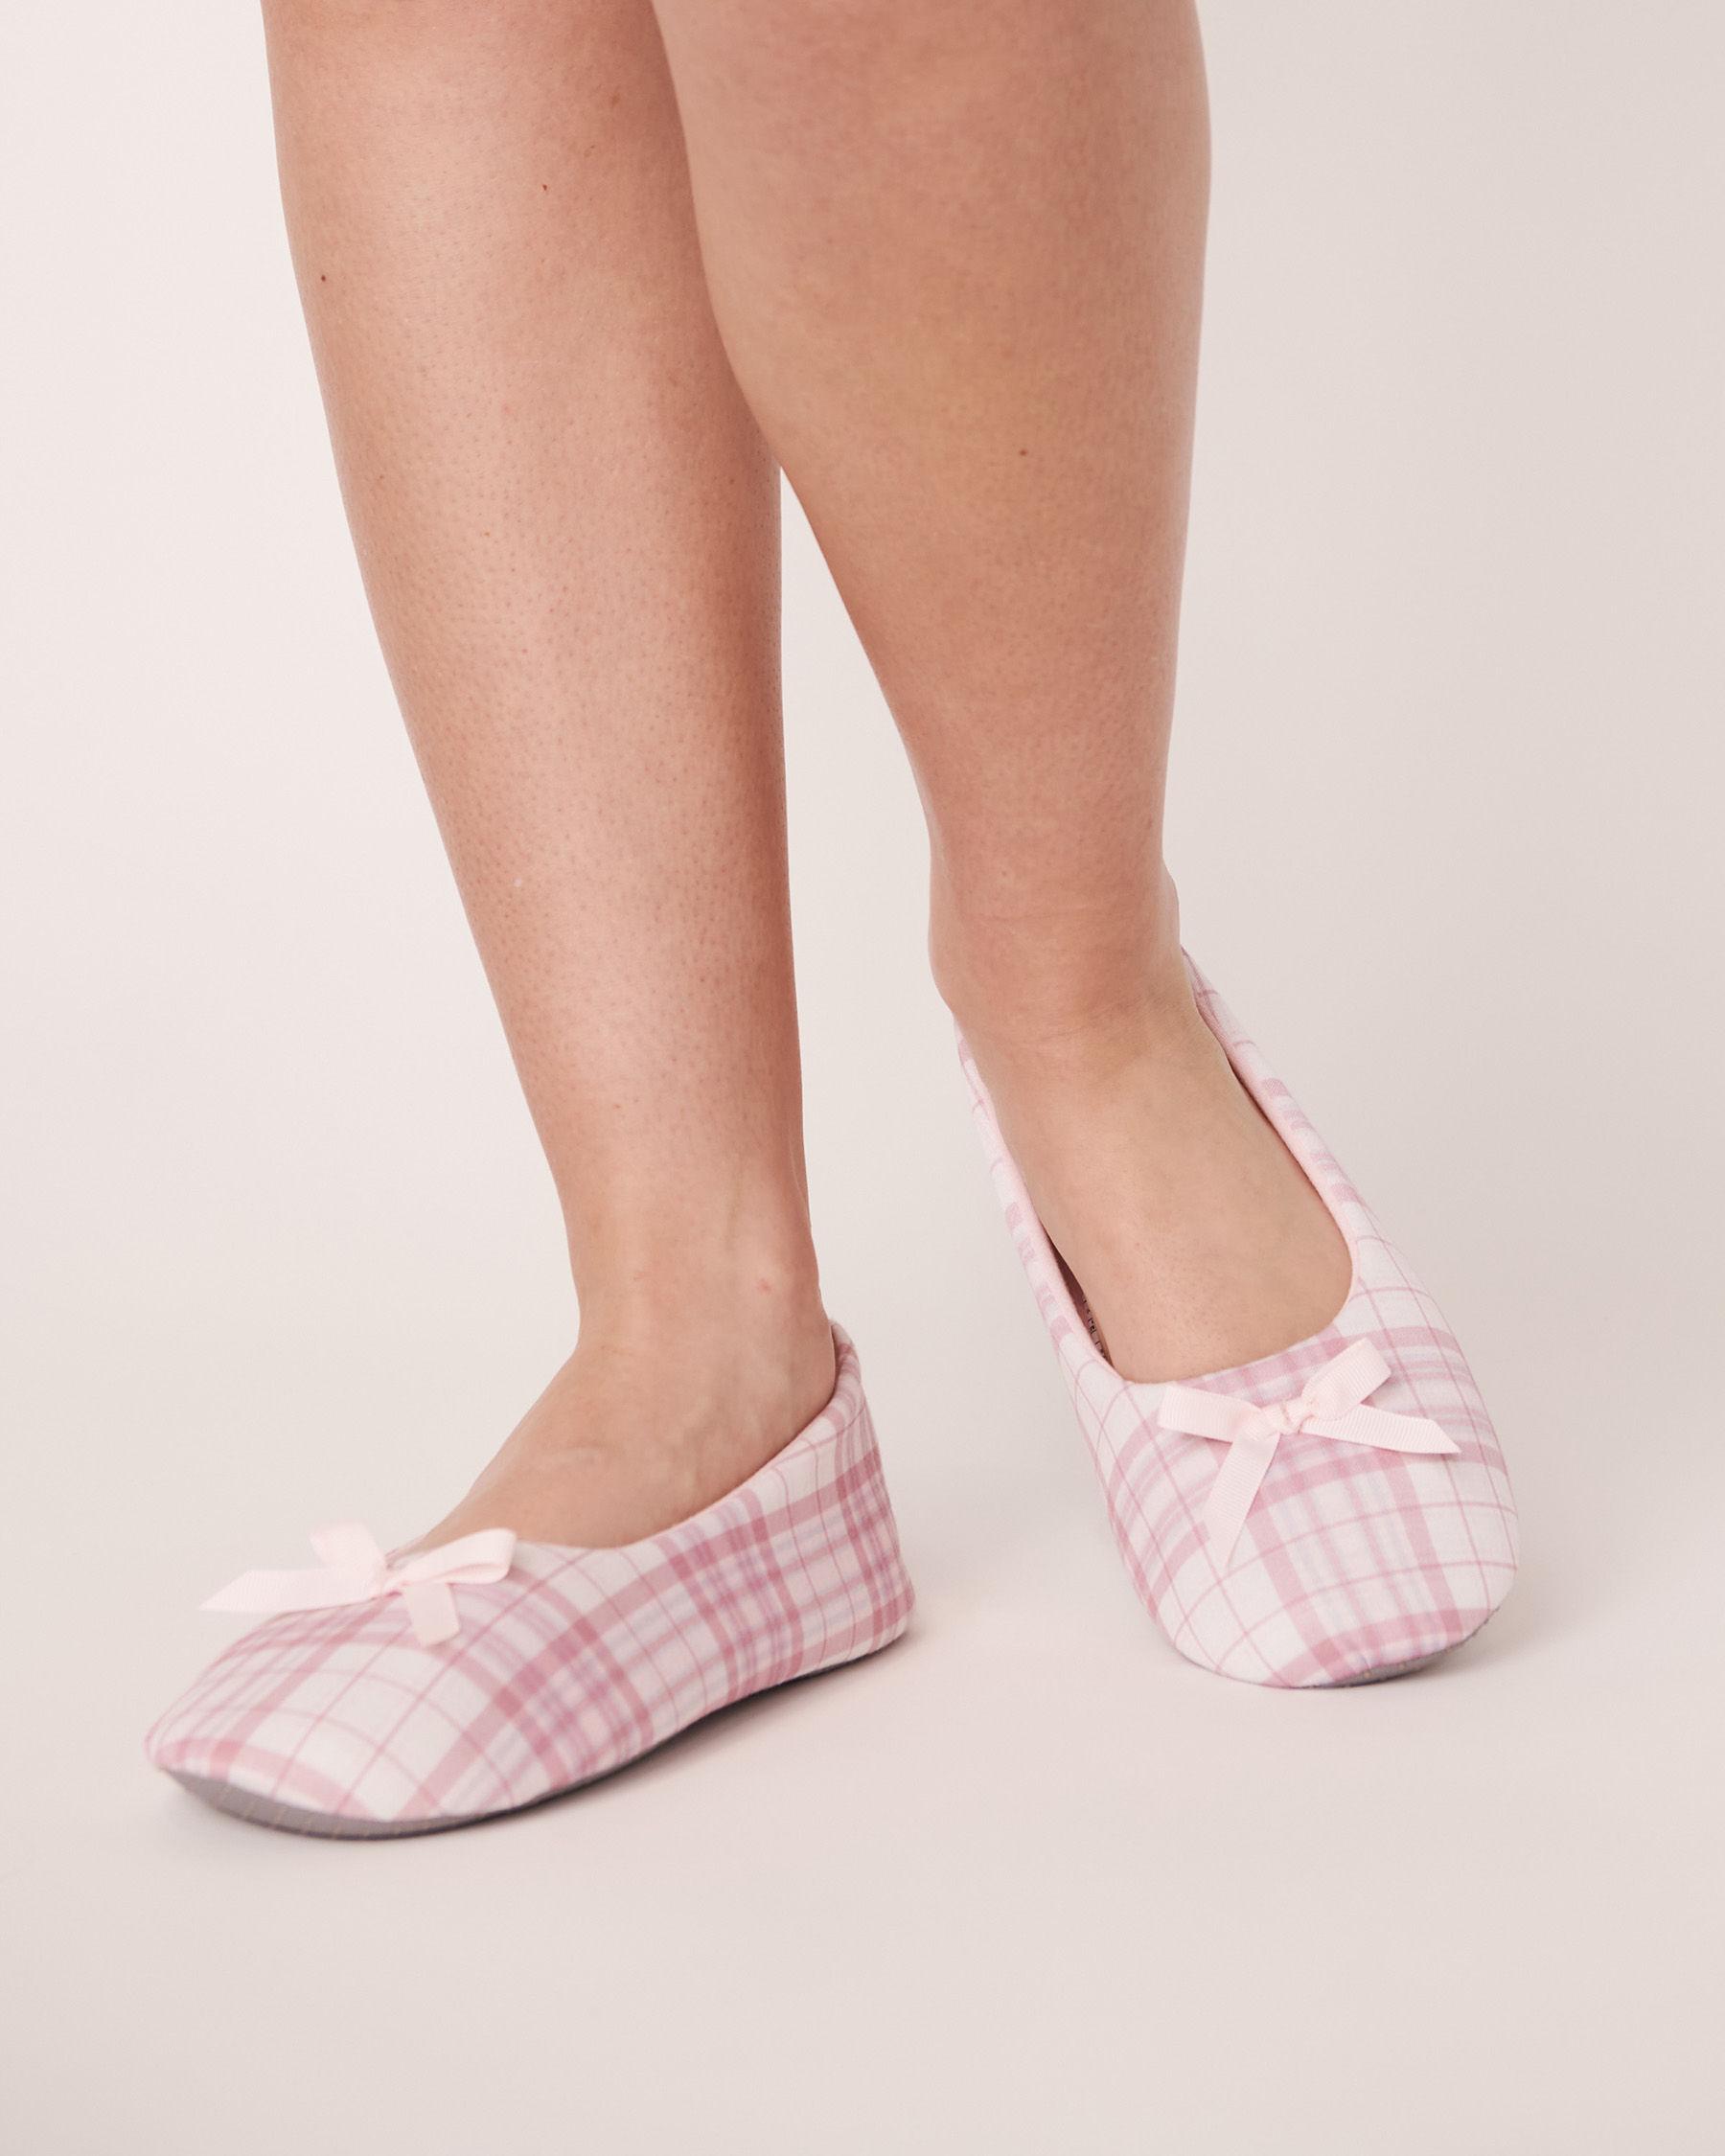 LA VIE EN ROSE Pantoufles ballerine Carreaux roses 40700052 - Voir1